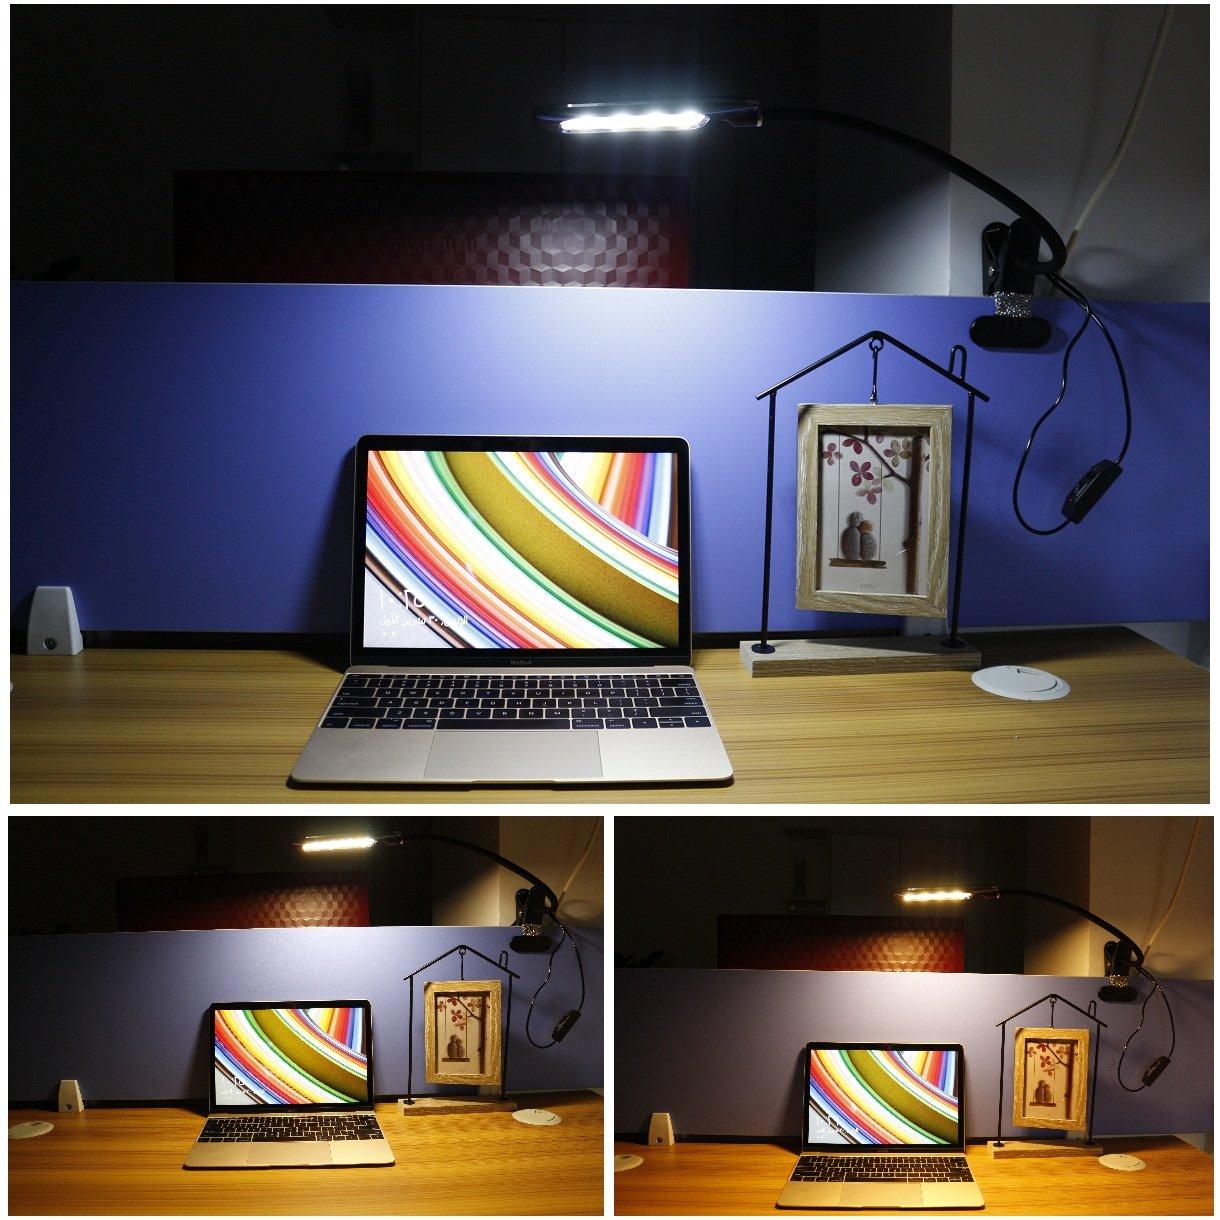 Leselampe Klemmen, LUXJET® LED Klemmlampe,Schreibtischlampe USB Buchlampe mit 24 LED,LED Klemmleuchte mit 2 Helligkeitstufe und 3 Lichtfarbe,360° Flexibel Schwanenhals Leselampe für Schlafzimmer Büro